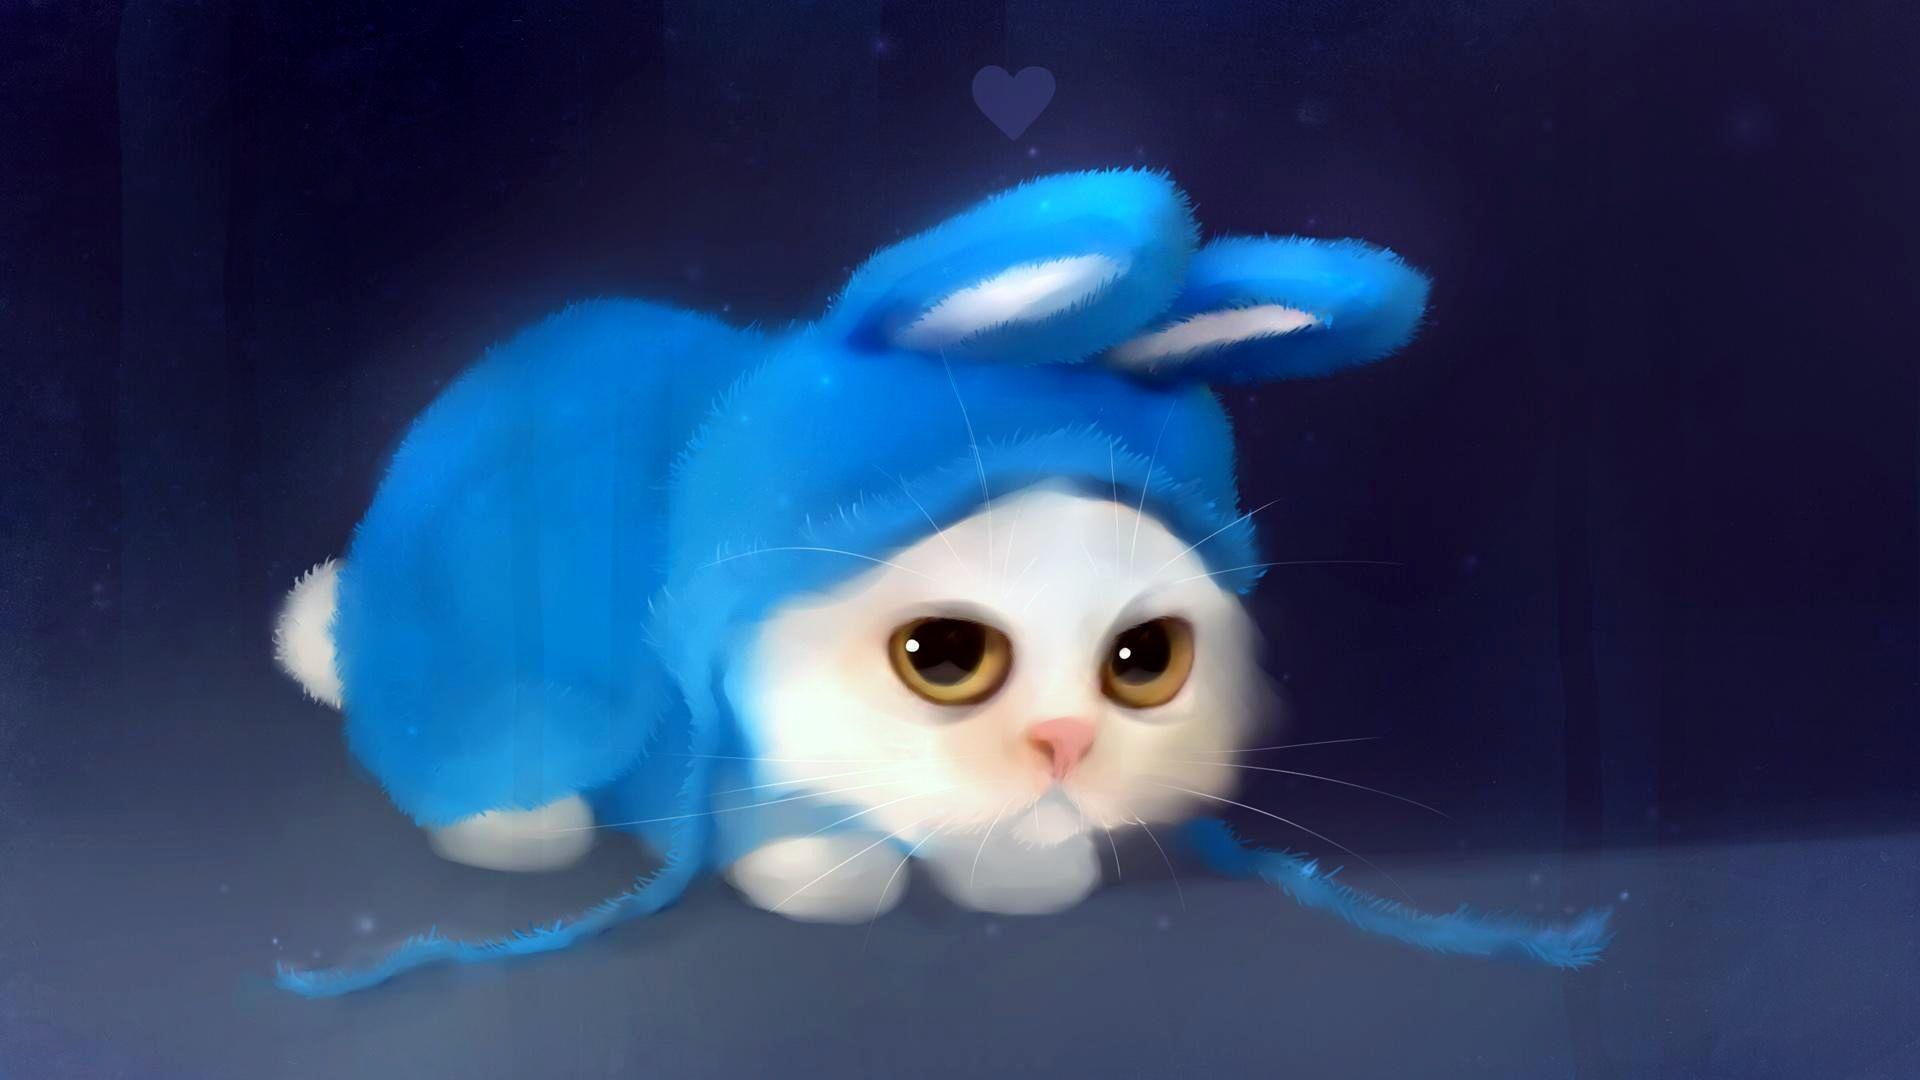 Cute Cat Hd Wallpaper For Desktop Fondos De Pantalla Bonitos